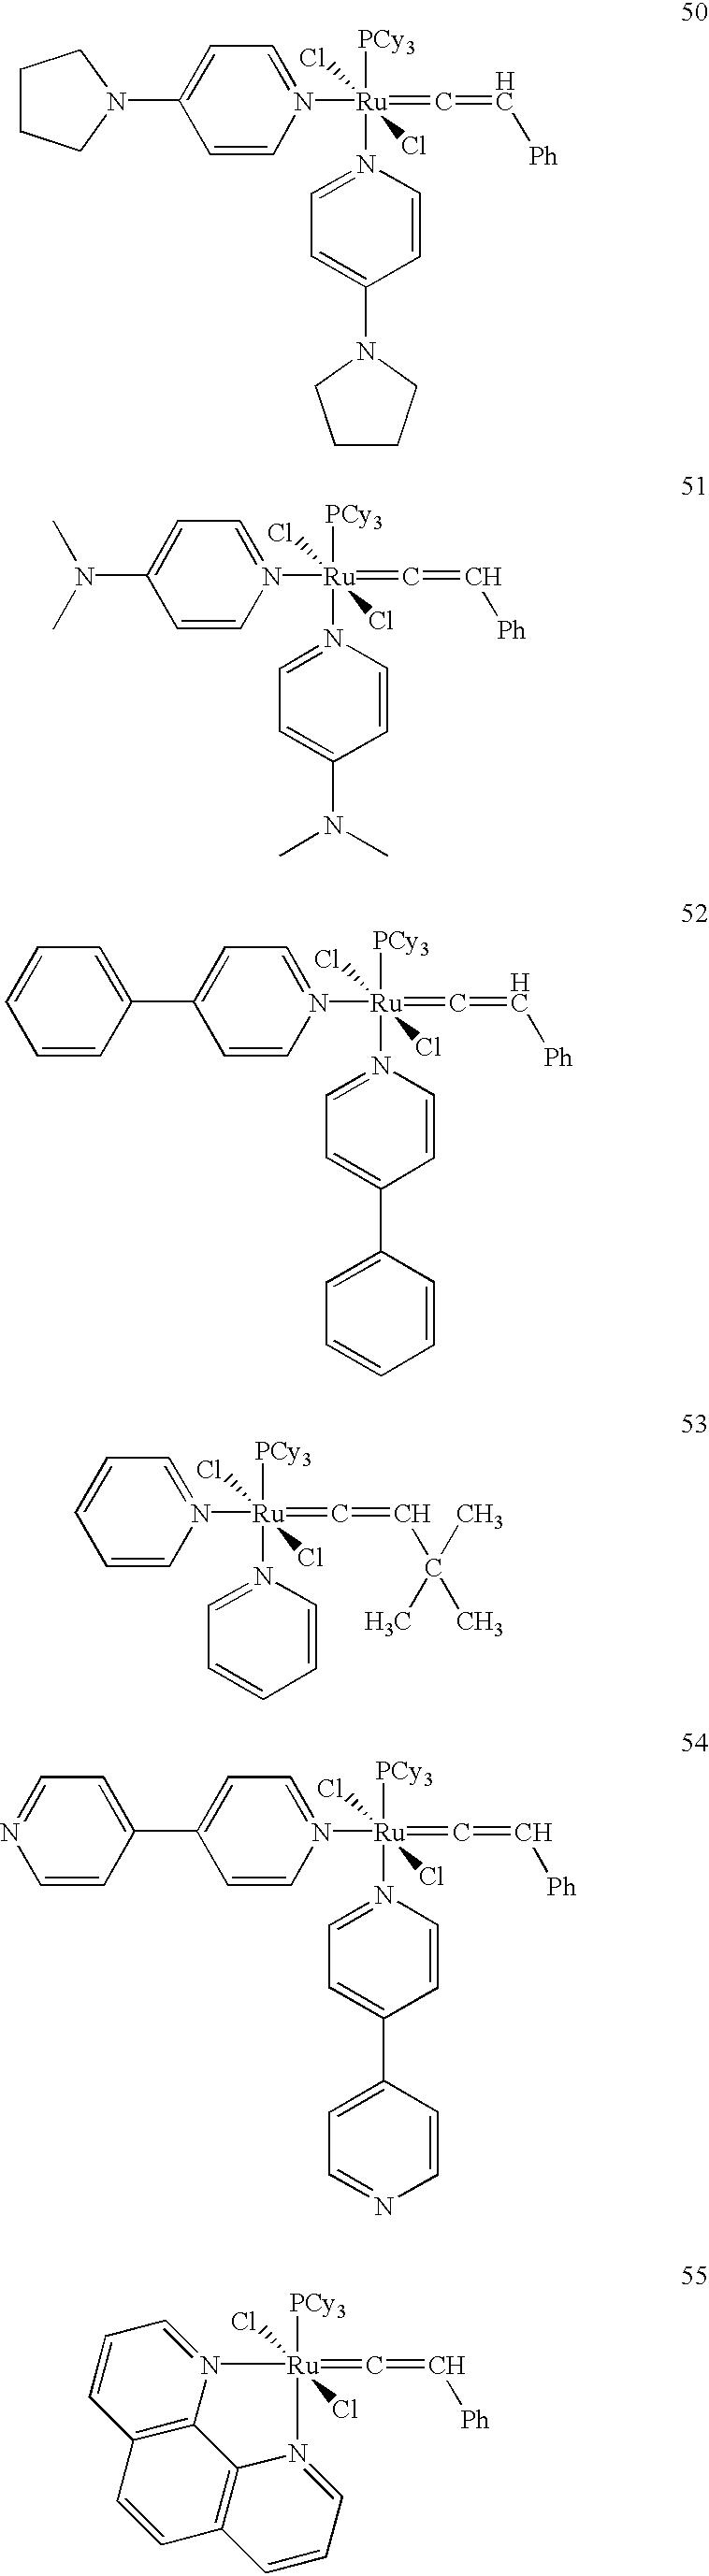 Figure US06818586-20041116-C00021